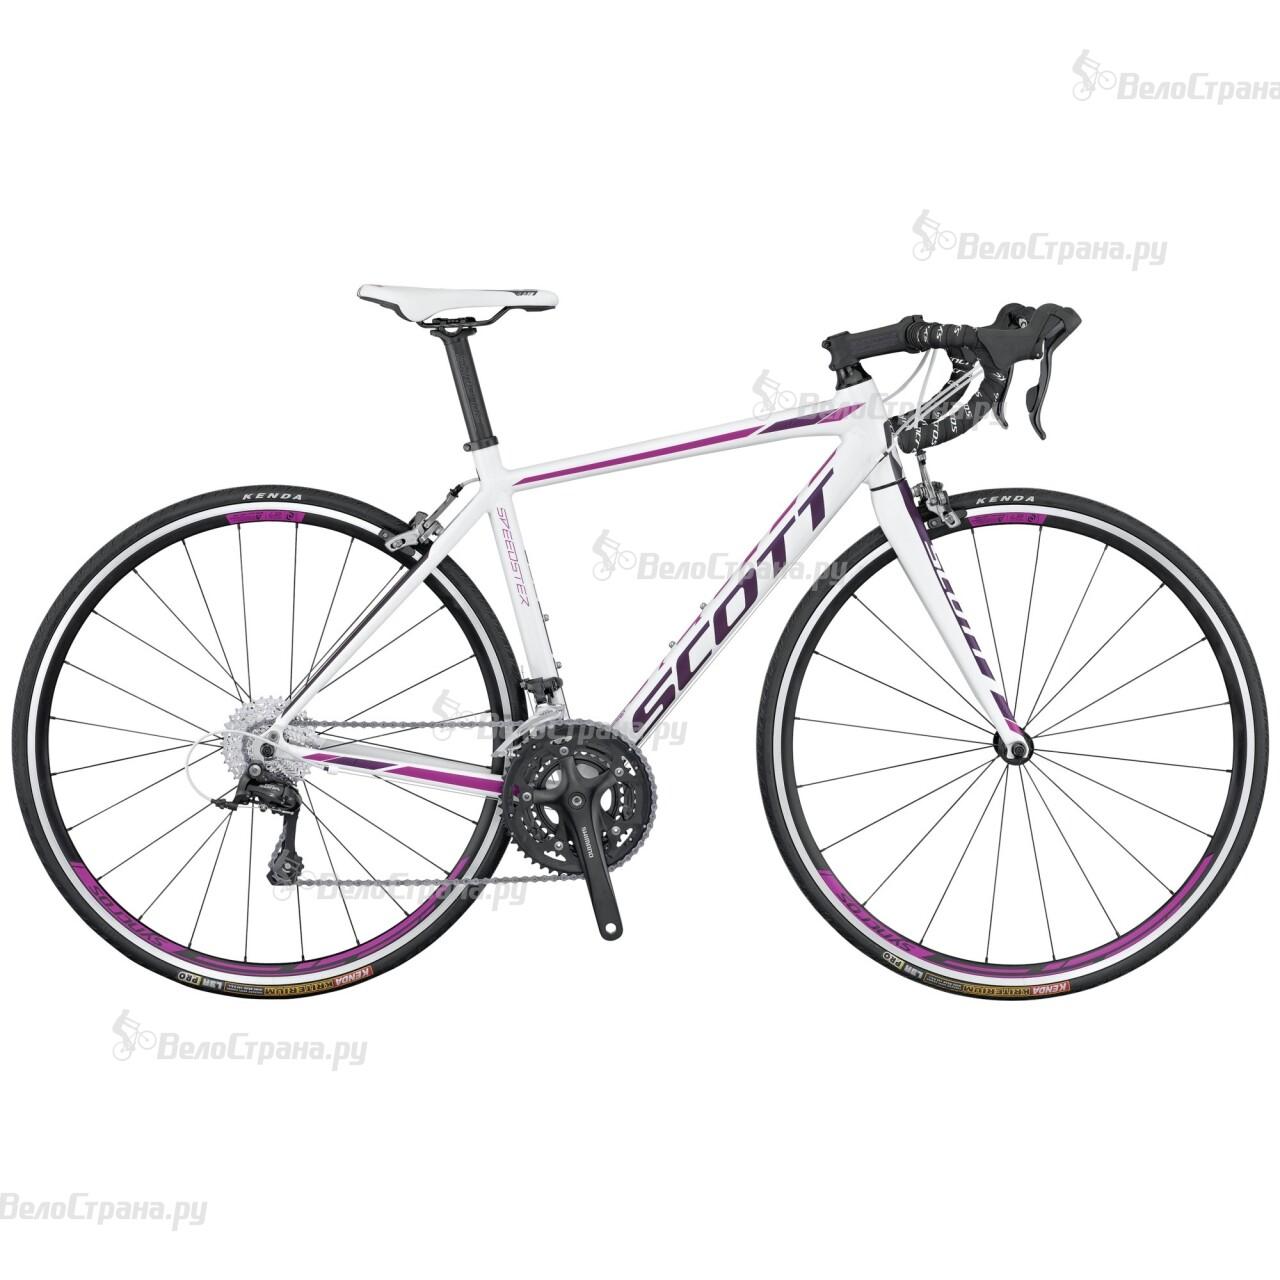 Велосипед Scott Contessa Speedster 35 (2016) велосипед scott contessa speedster 15 2015